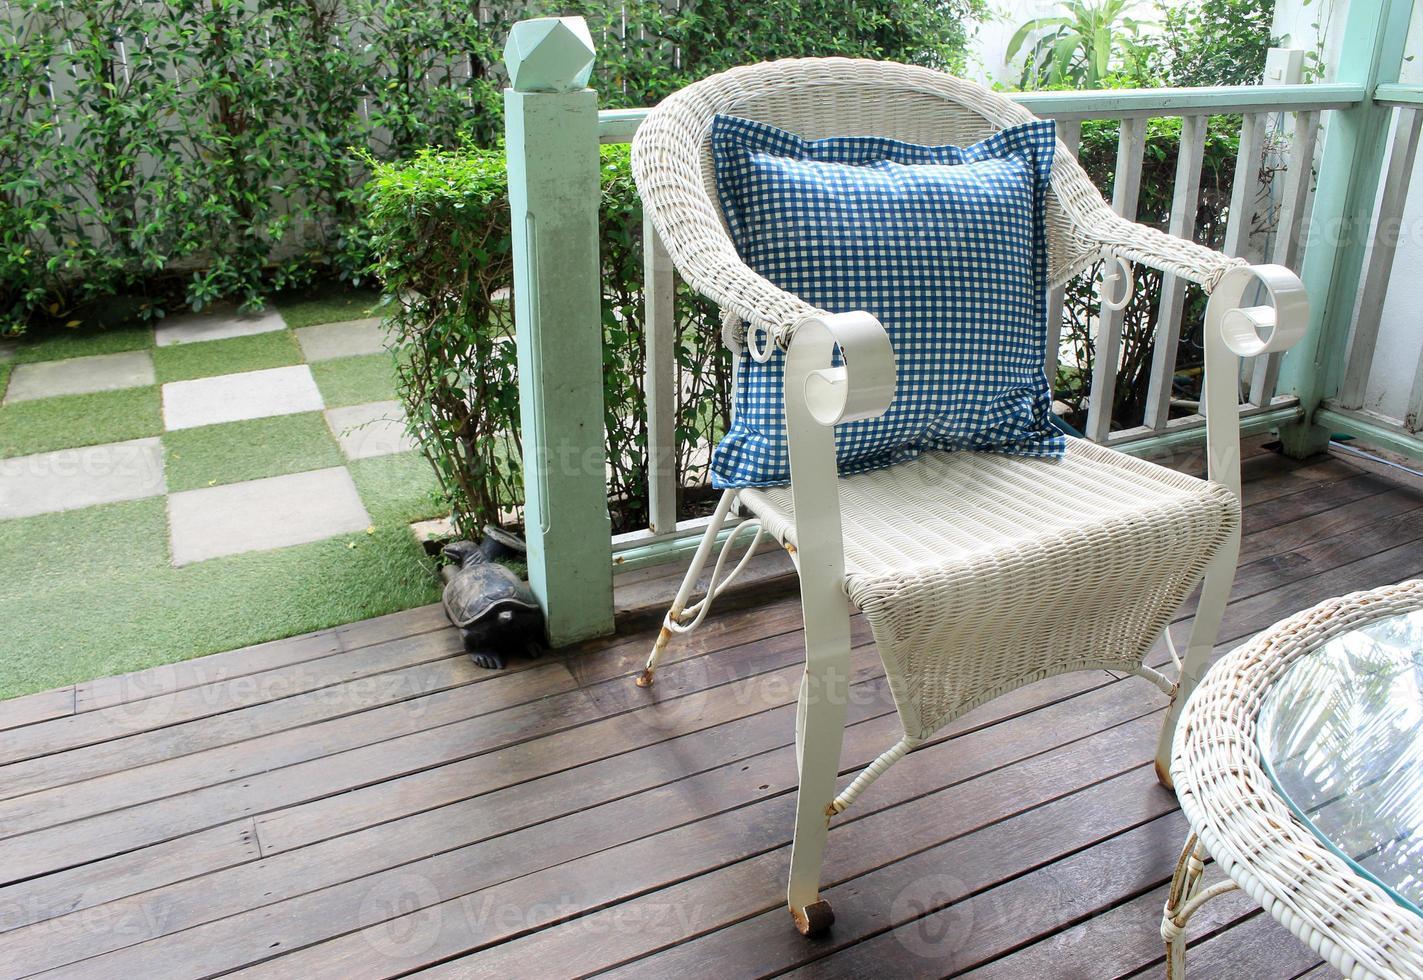 rieten stoel op een terras foto